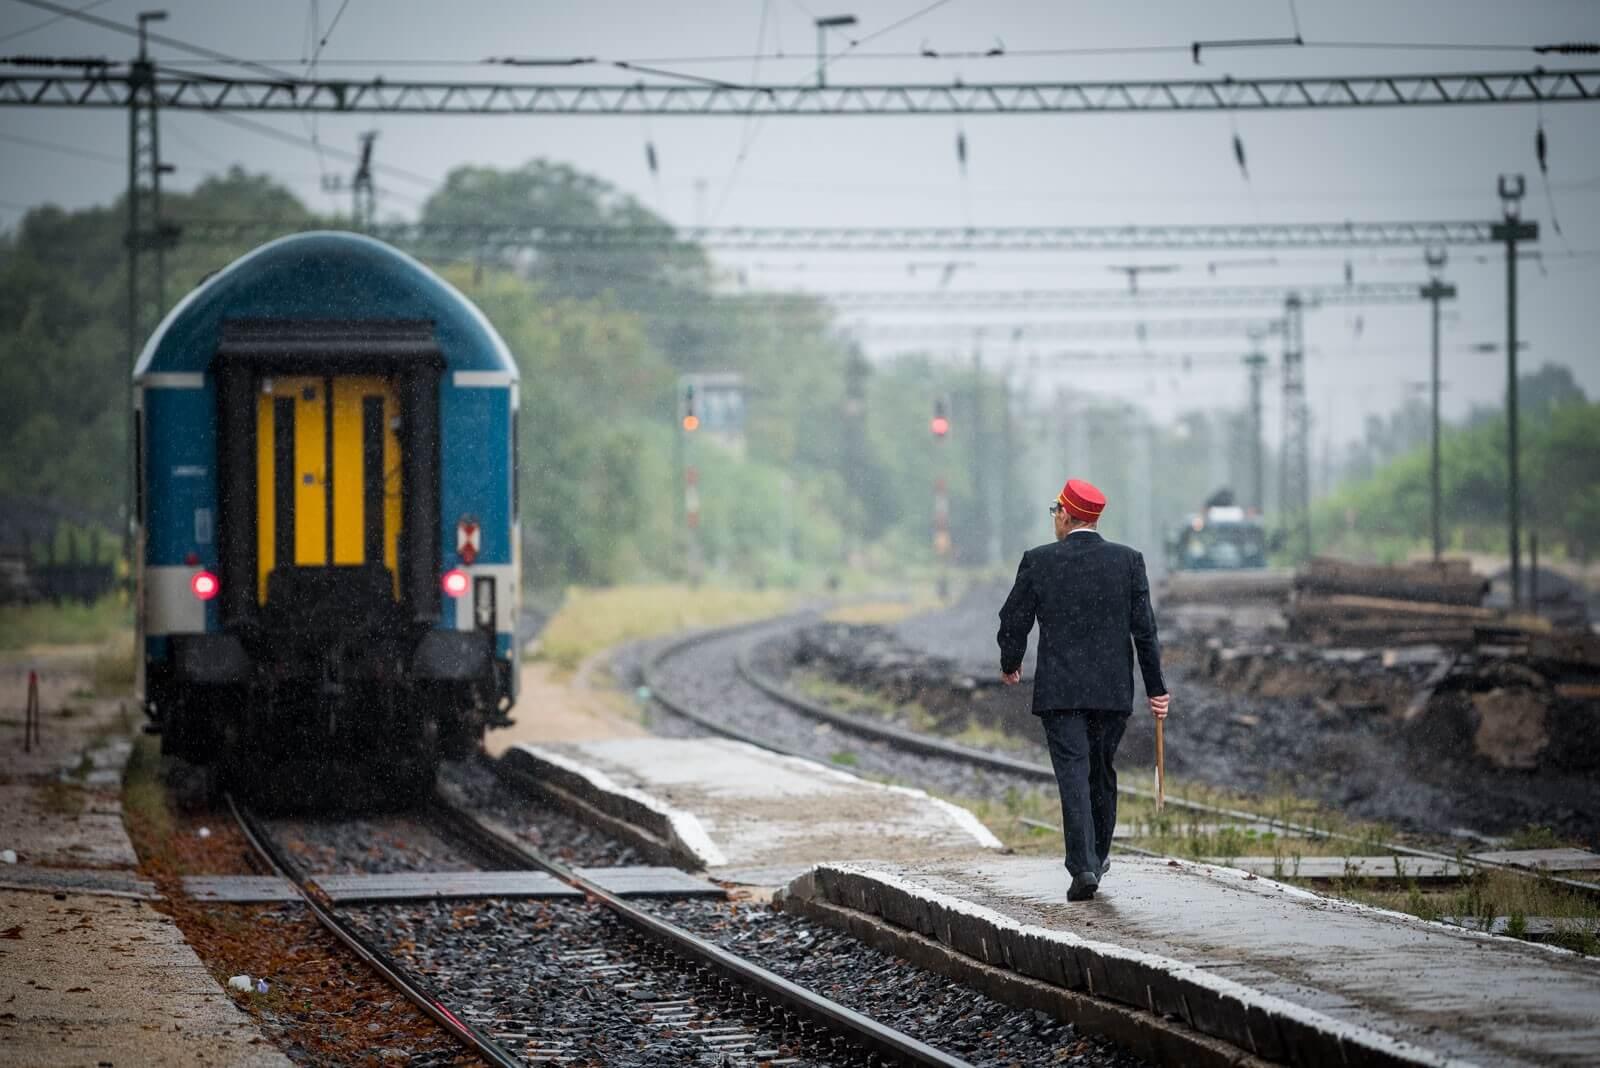 Újabb szakasz átépítése rajtolt el a Budapest-Pécs vasútvonalon